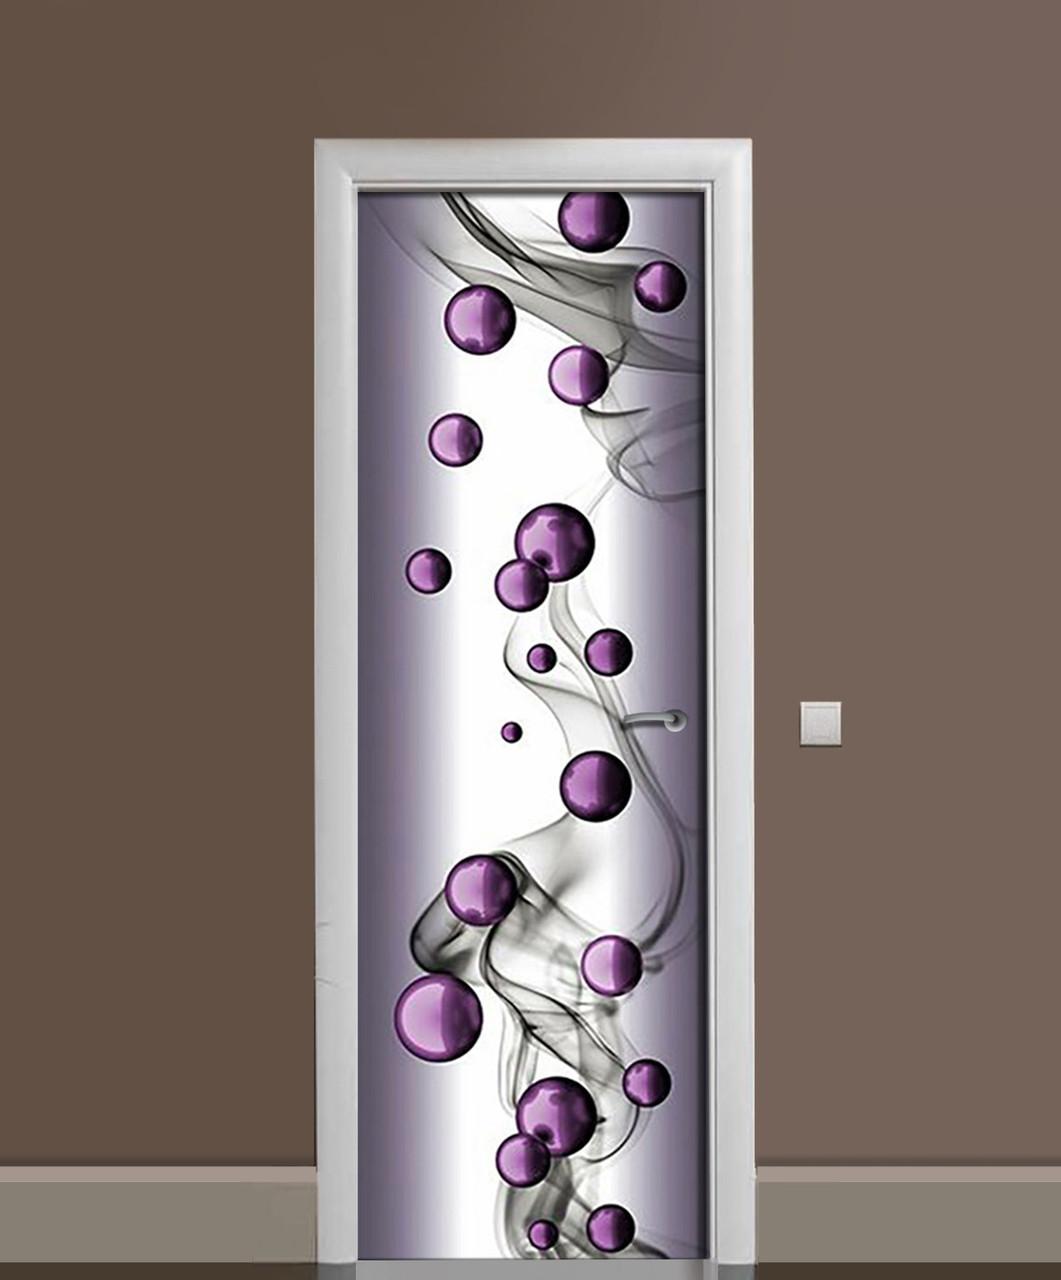 Декоративная наклейка на двери Пурпурные бусины шары ПВХ пленка с ламинацией 65*200см Абстракция Фиолетовый